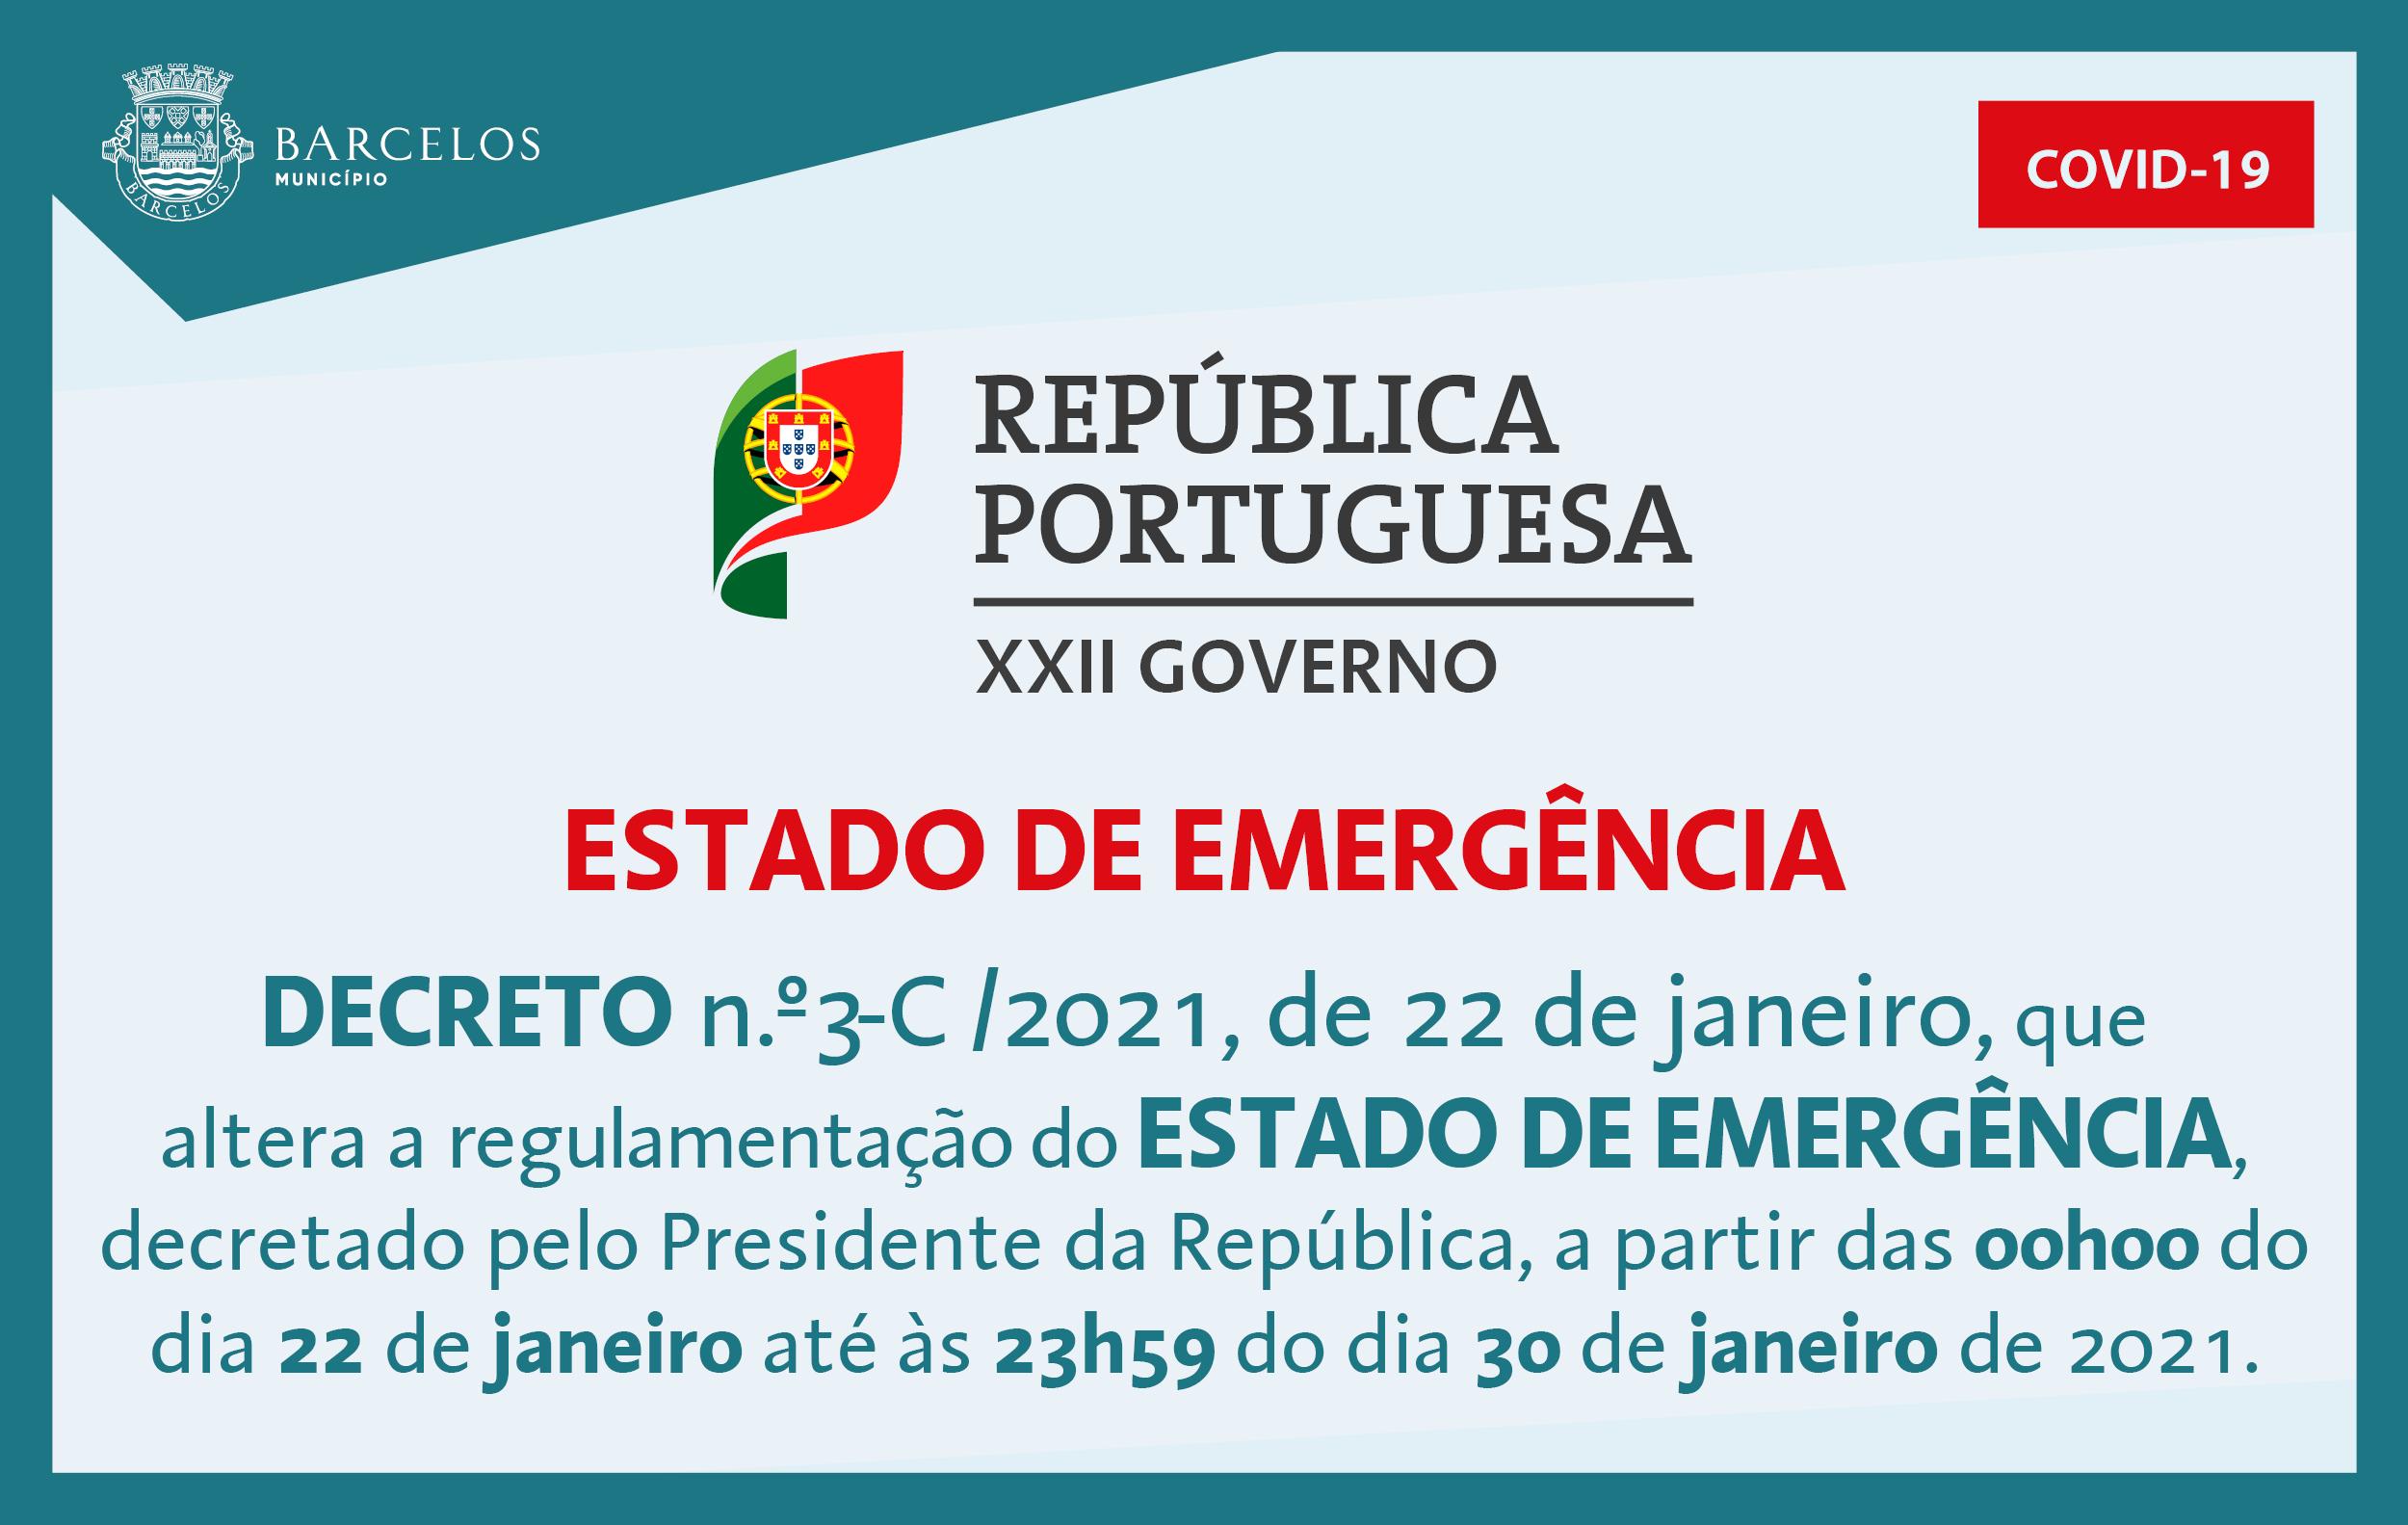 Decreto n.º3-C/2021, de 22 de janeiro, que altera a regulamentação do Estado de Emergência